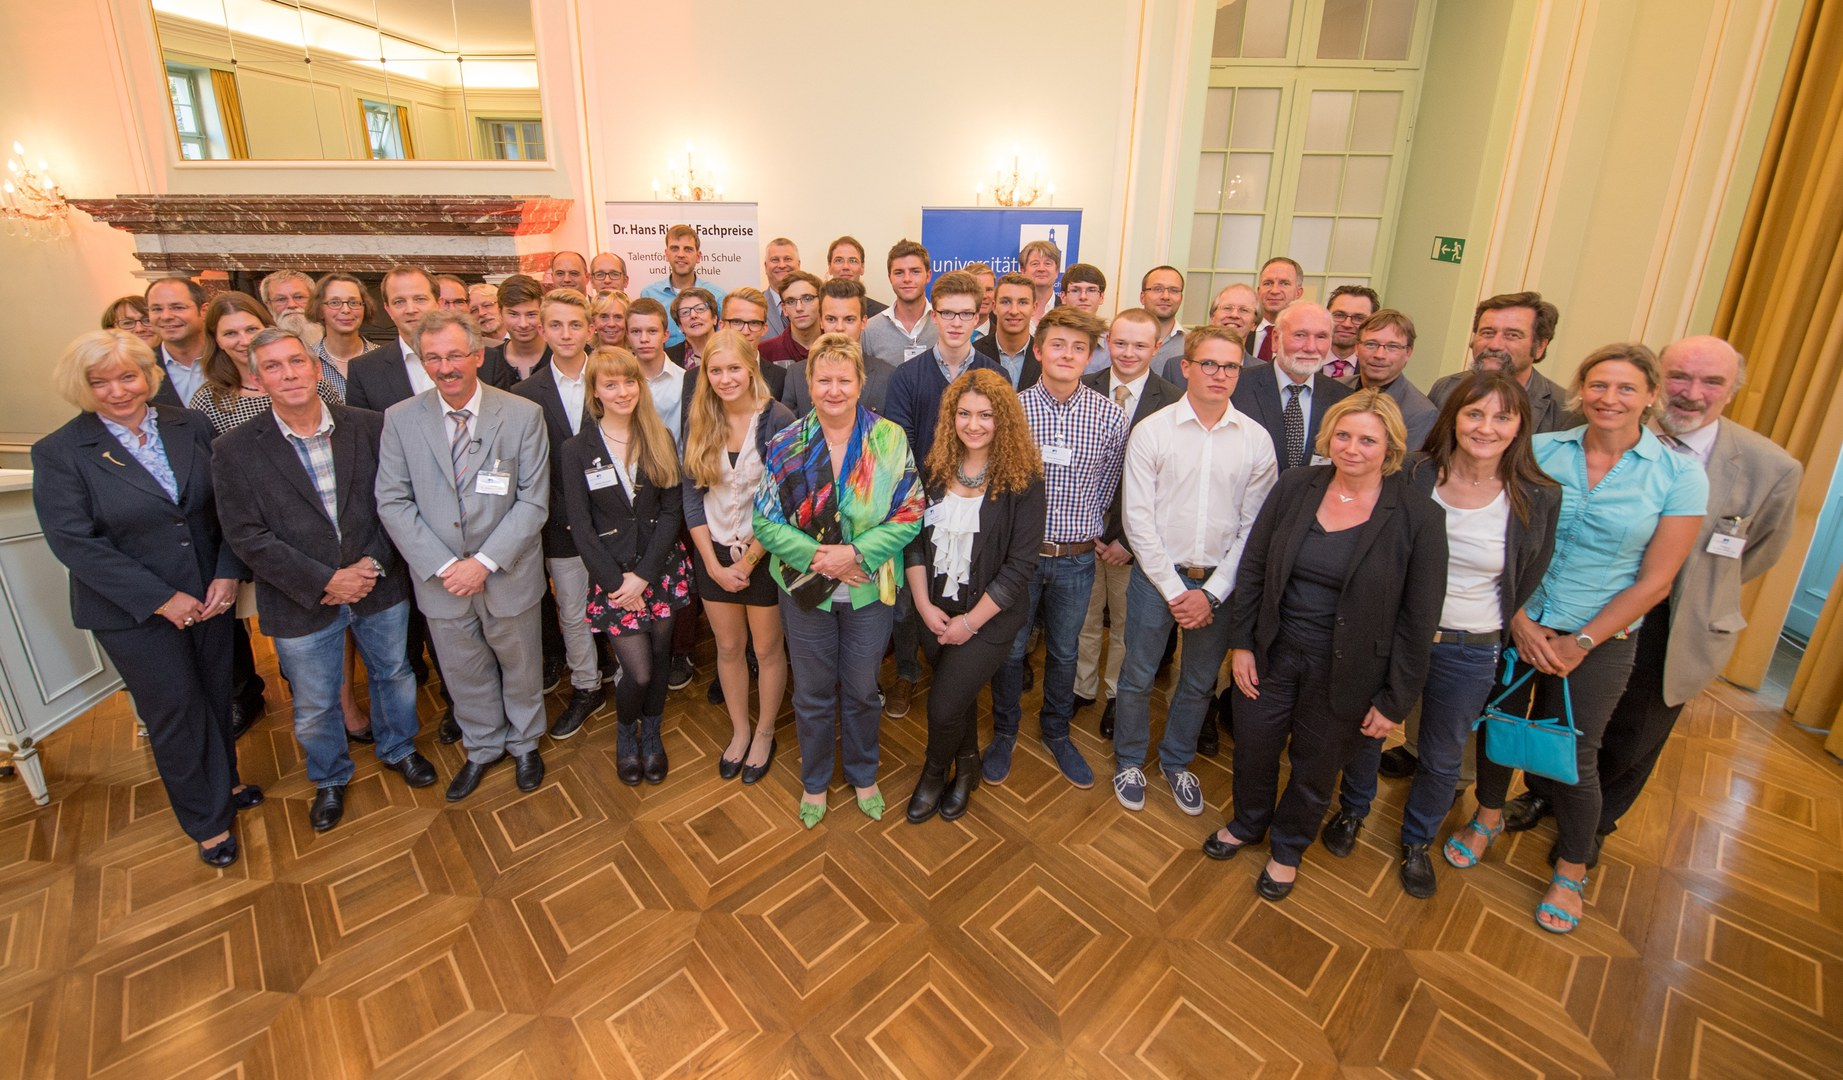 Verleihung der Dr. Hans Riegel-Fachpreise: